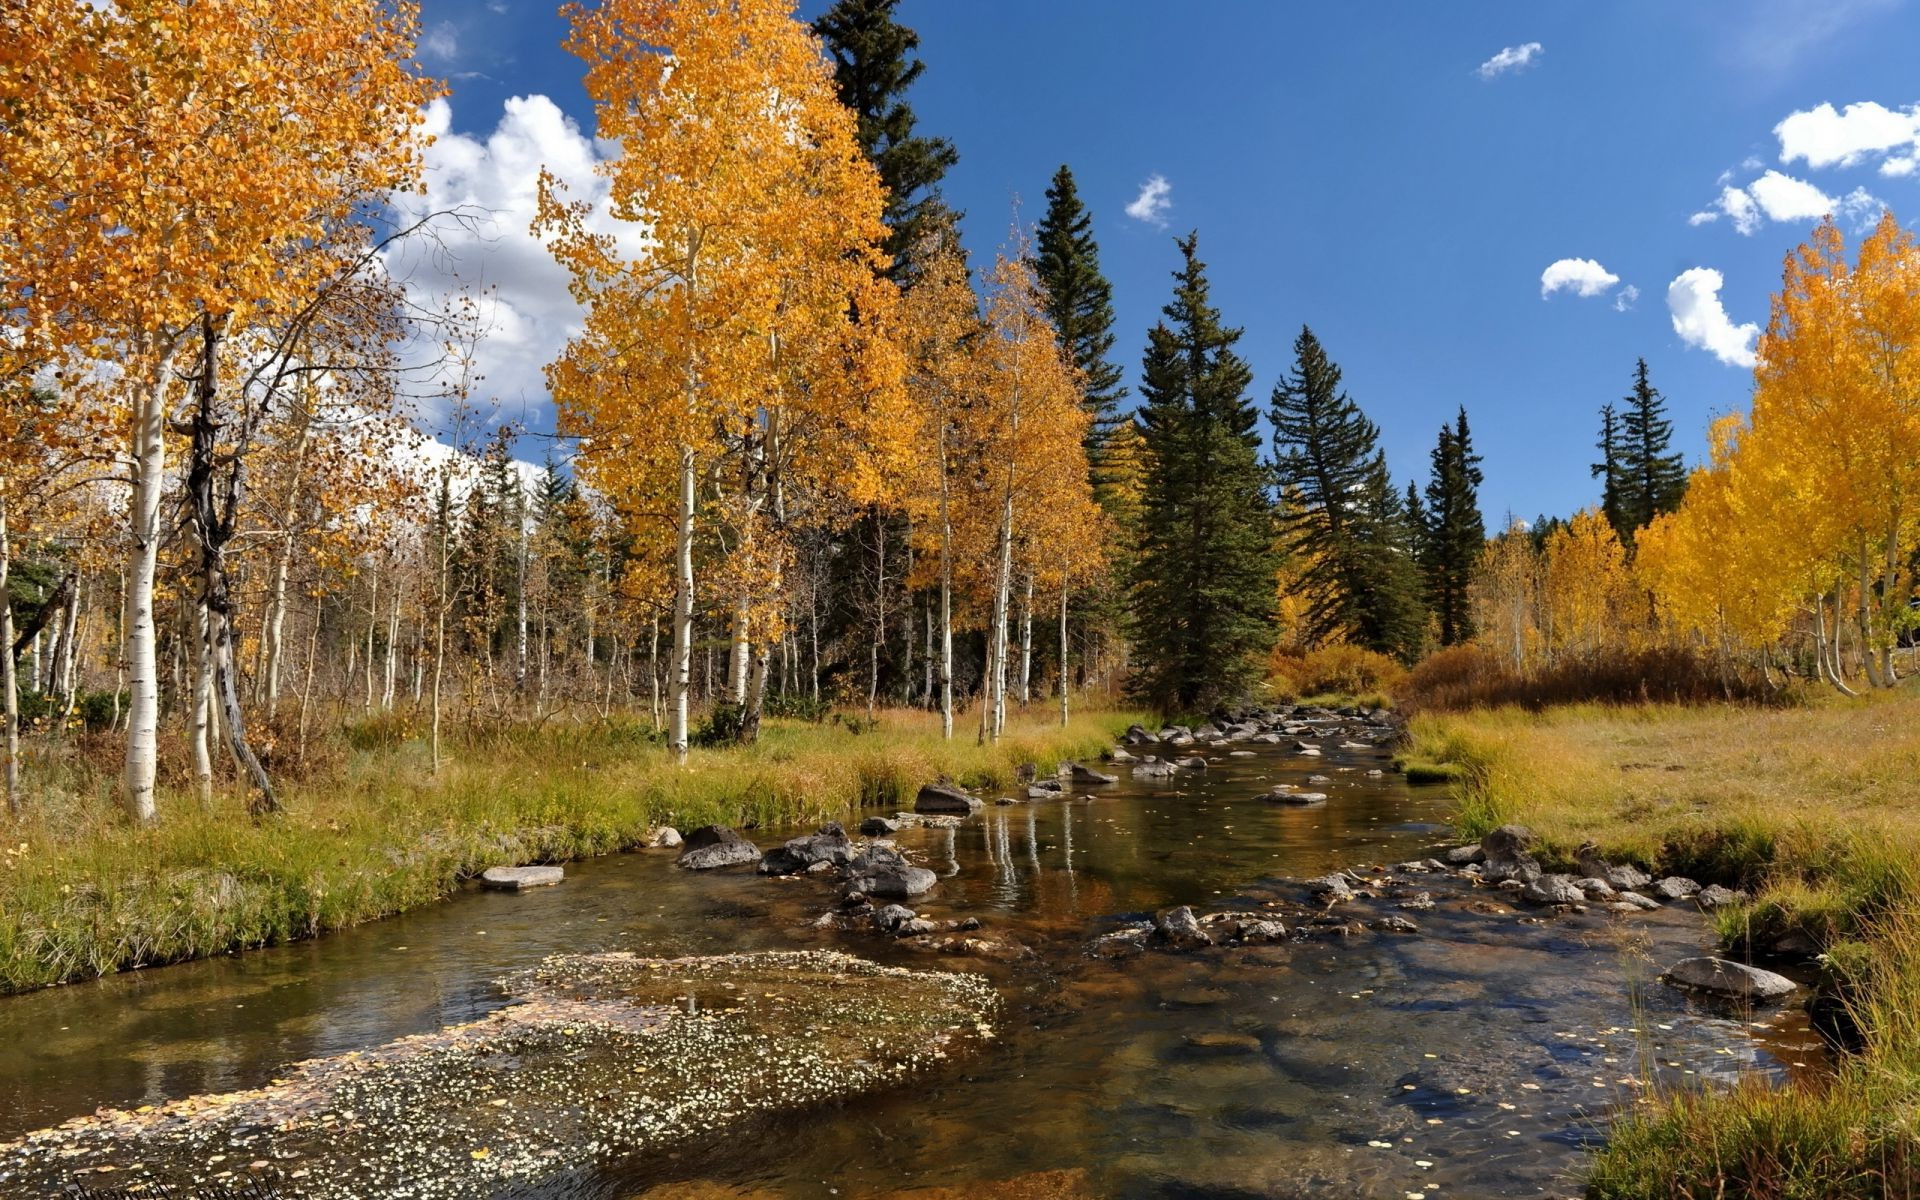 река осень деревья  № 3186452 бесплатно